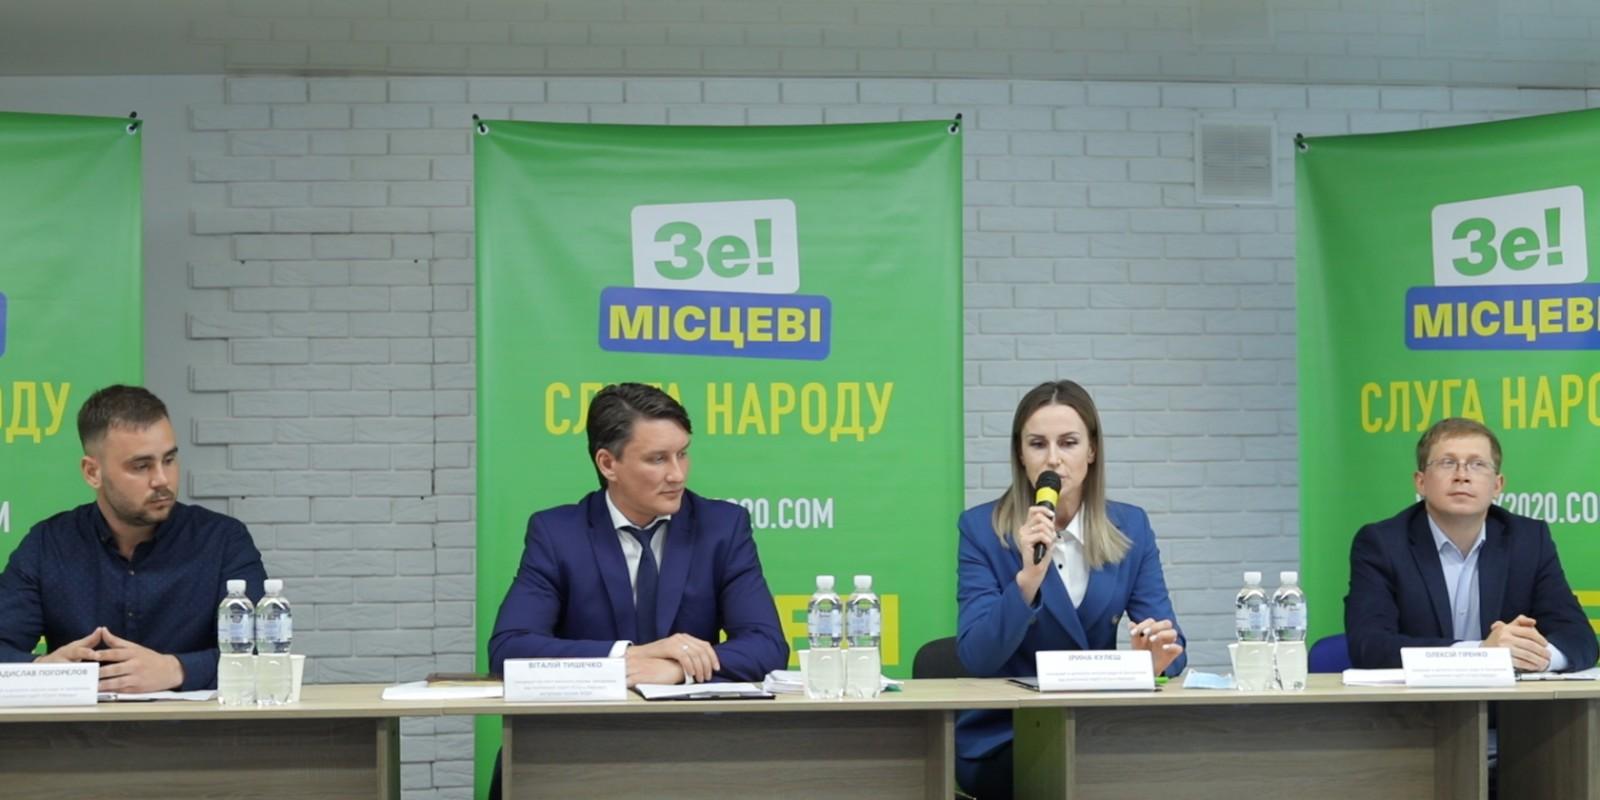 Мэра Запорожья Владимира Буряка обвиняют в разорении городского бюджета – готовится коллективный иск